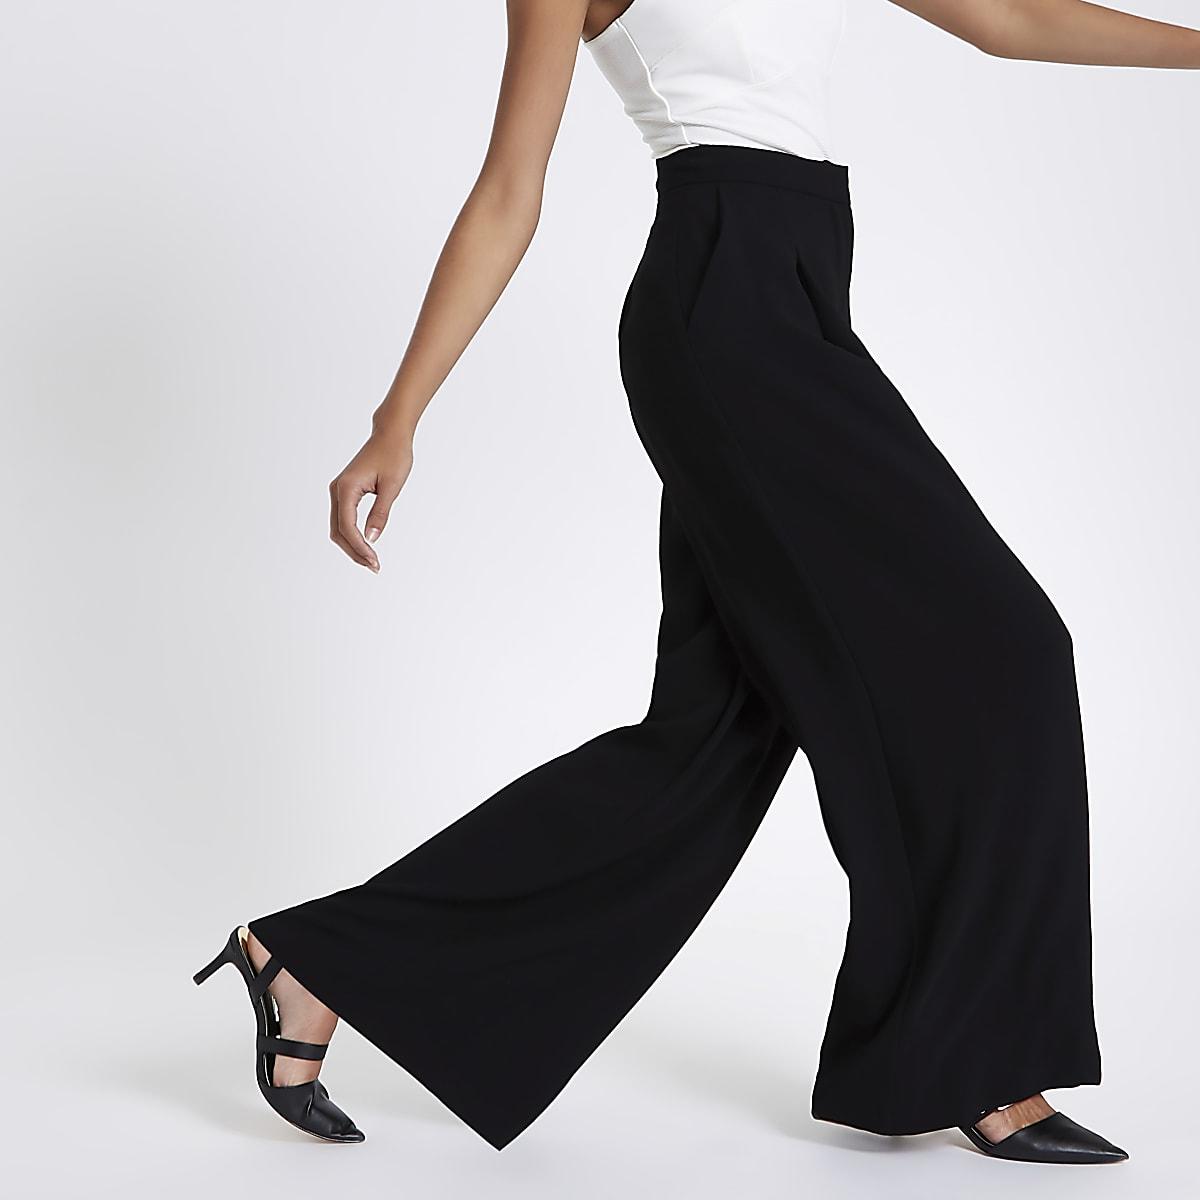 Zwarte broek met wijde pijpen en hoge taille